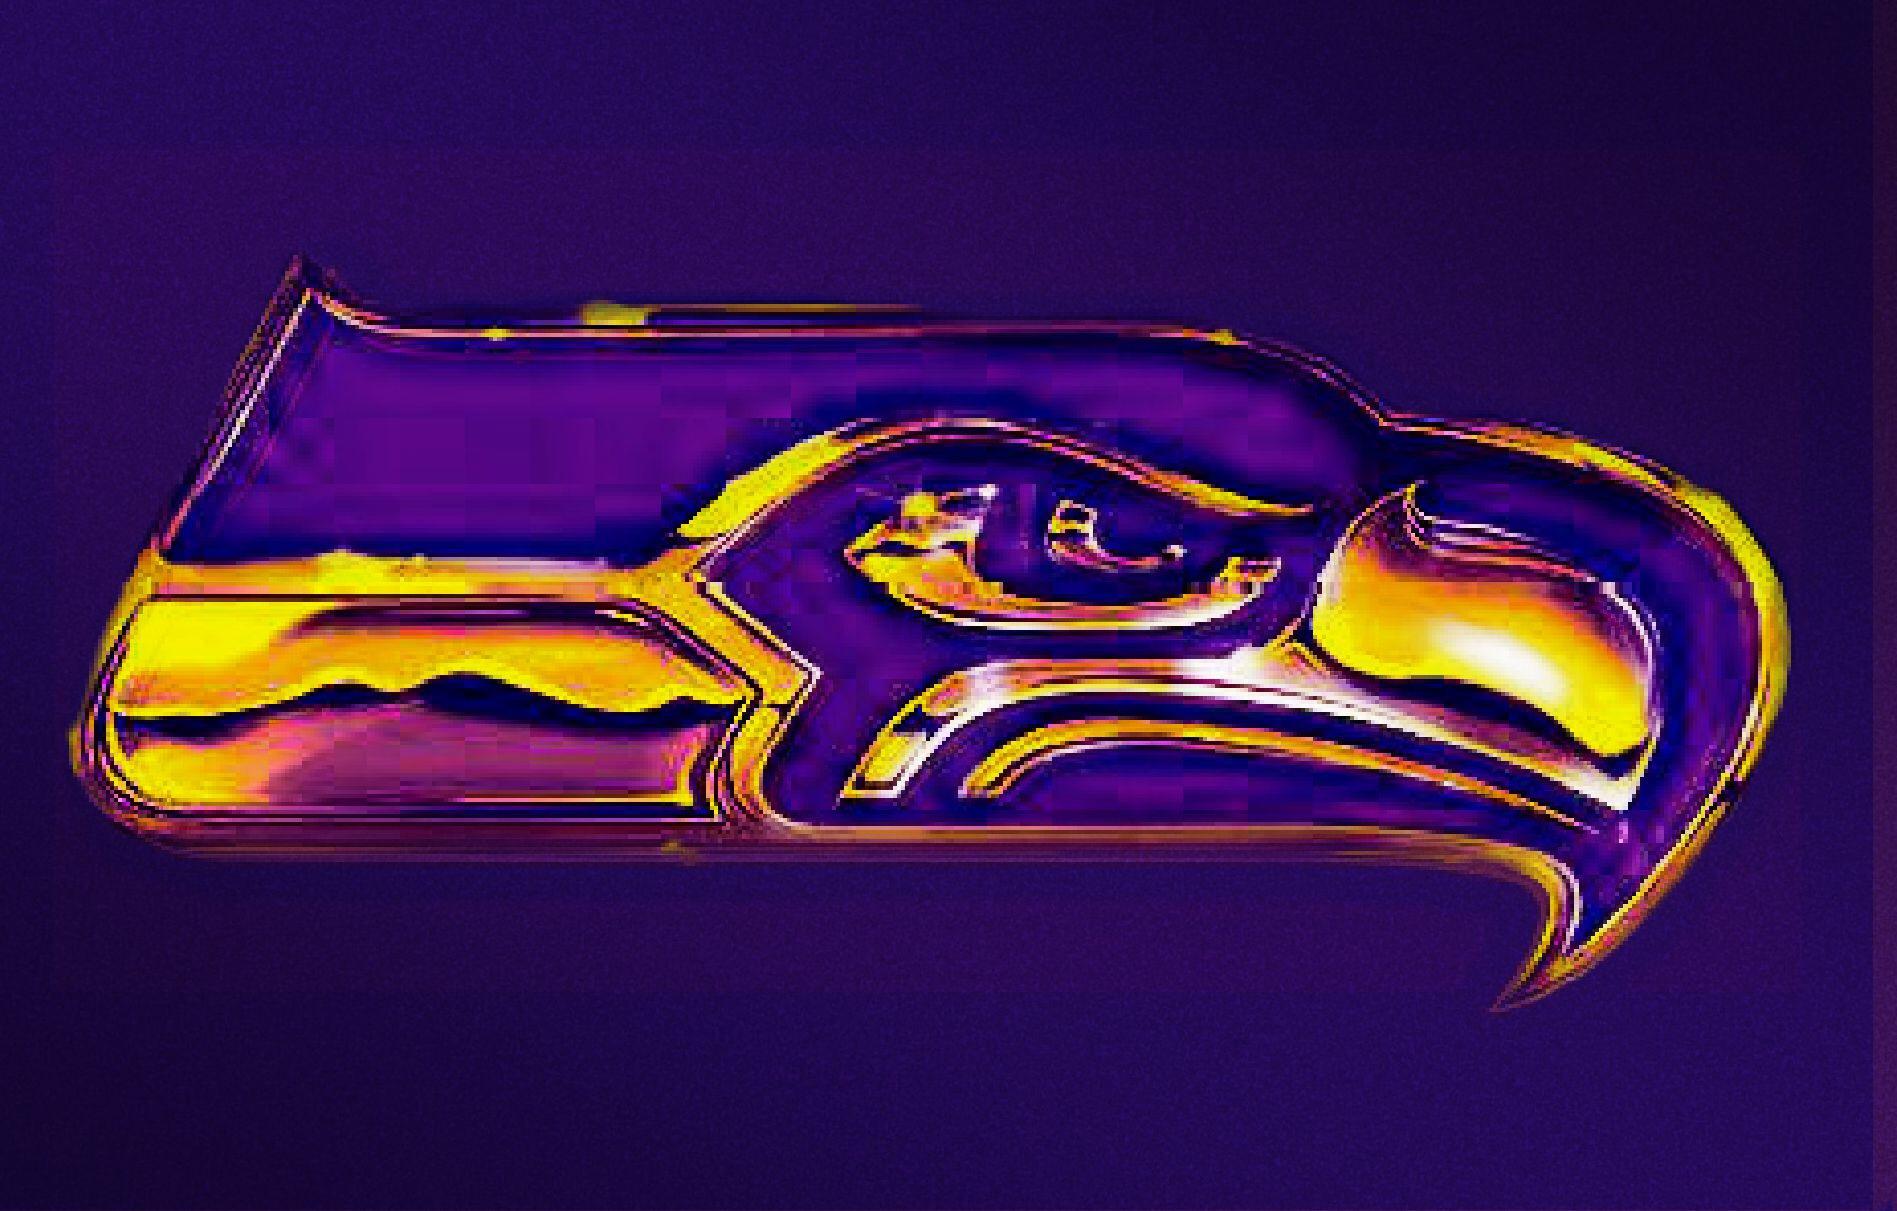 New Seattle Seahawks Logo In Uw Husky Colors By Kal El4 On Deviantart